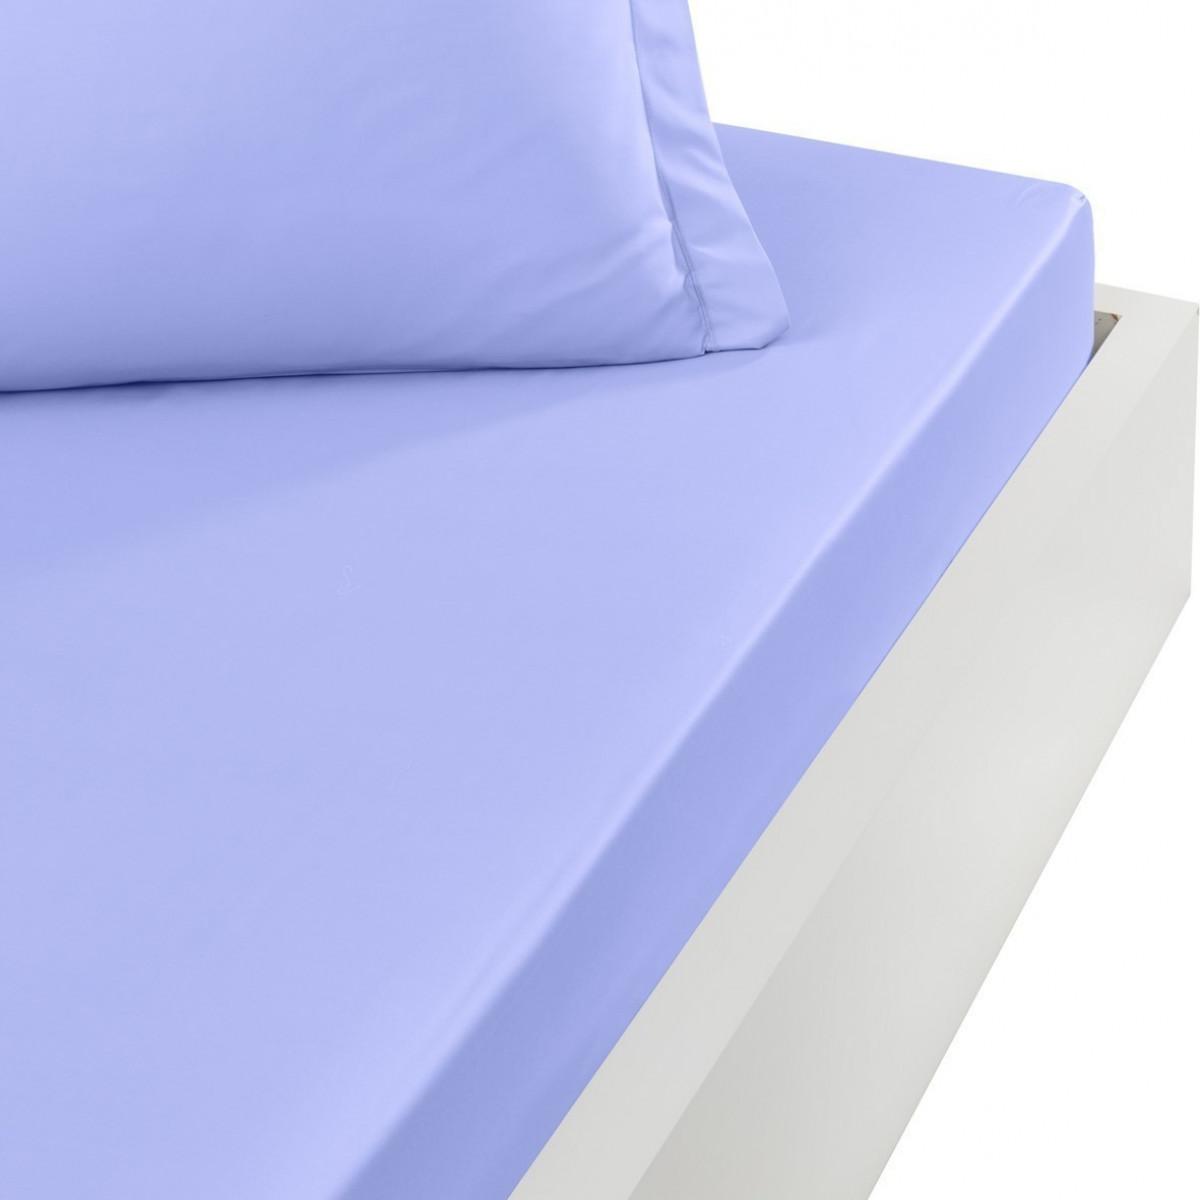 Drap housse en percale de coton bon Azur 140x190 cm